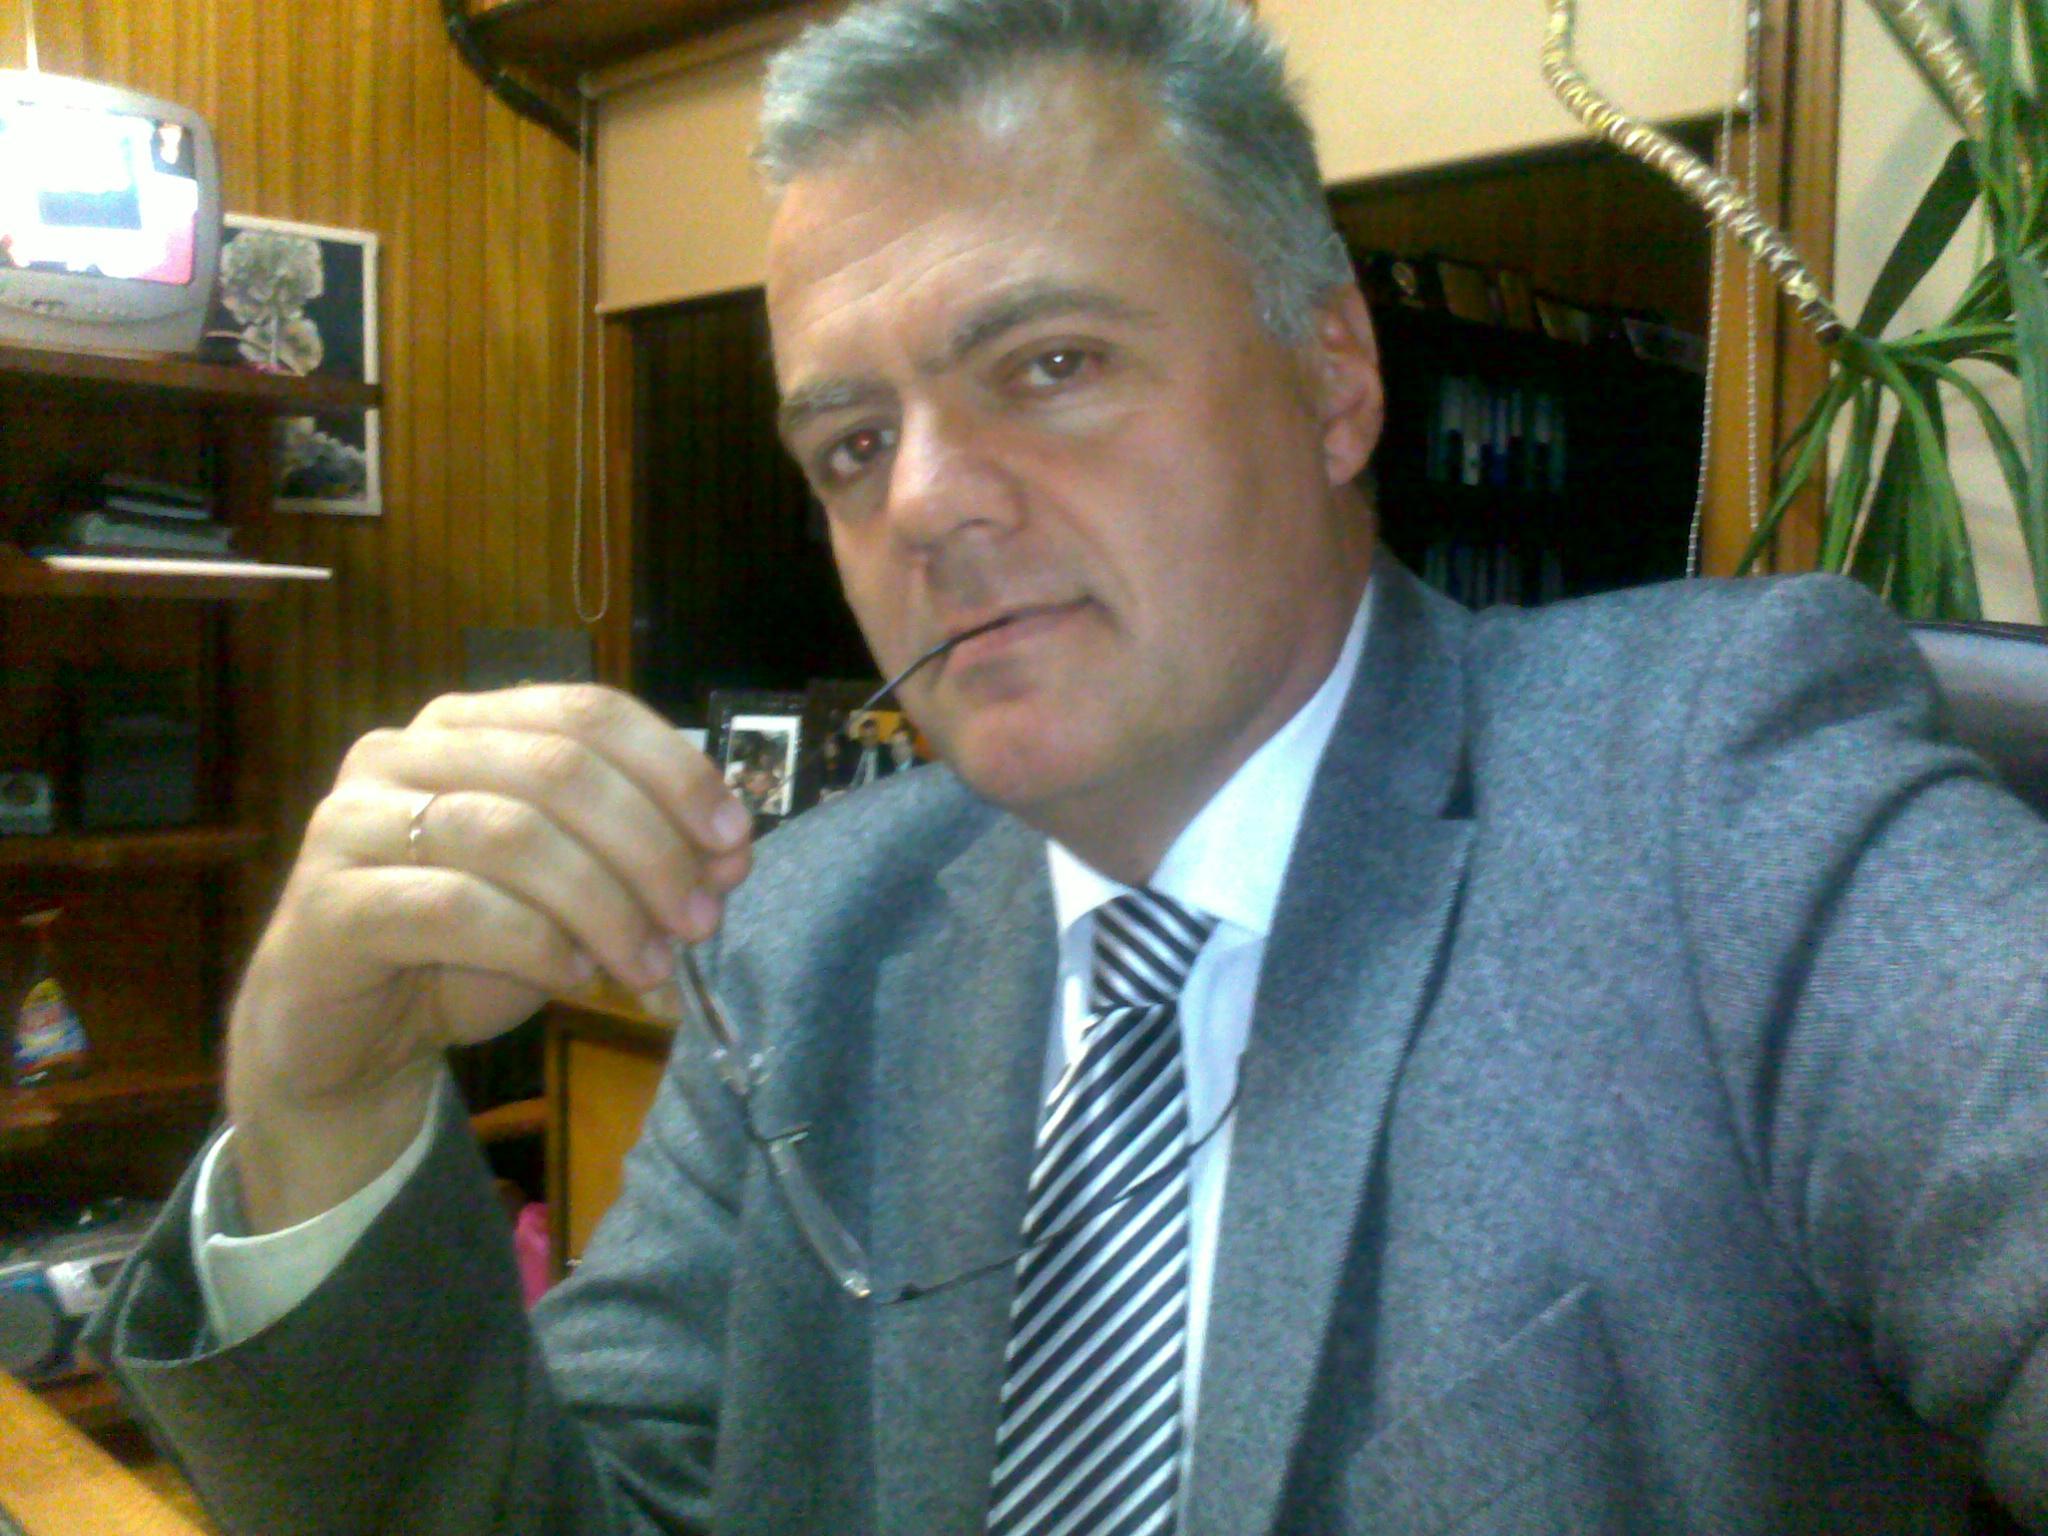 Κατακαημένοι και … ταλαίπωροι Δήμαρχοι !!! * Του Γιώργου Νούτσου